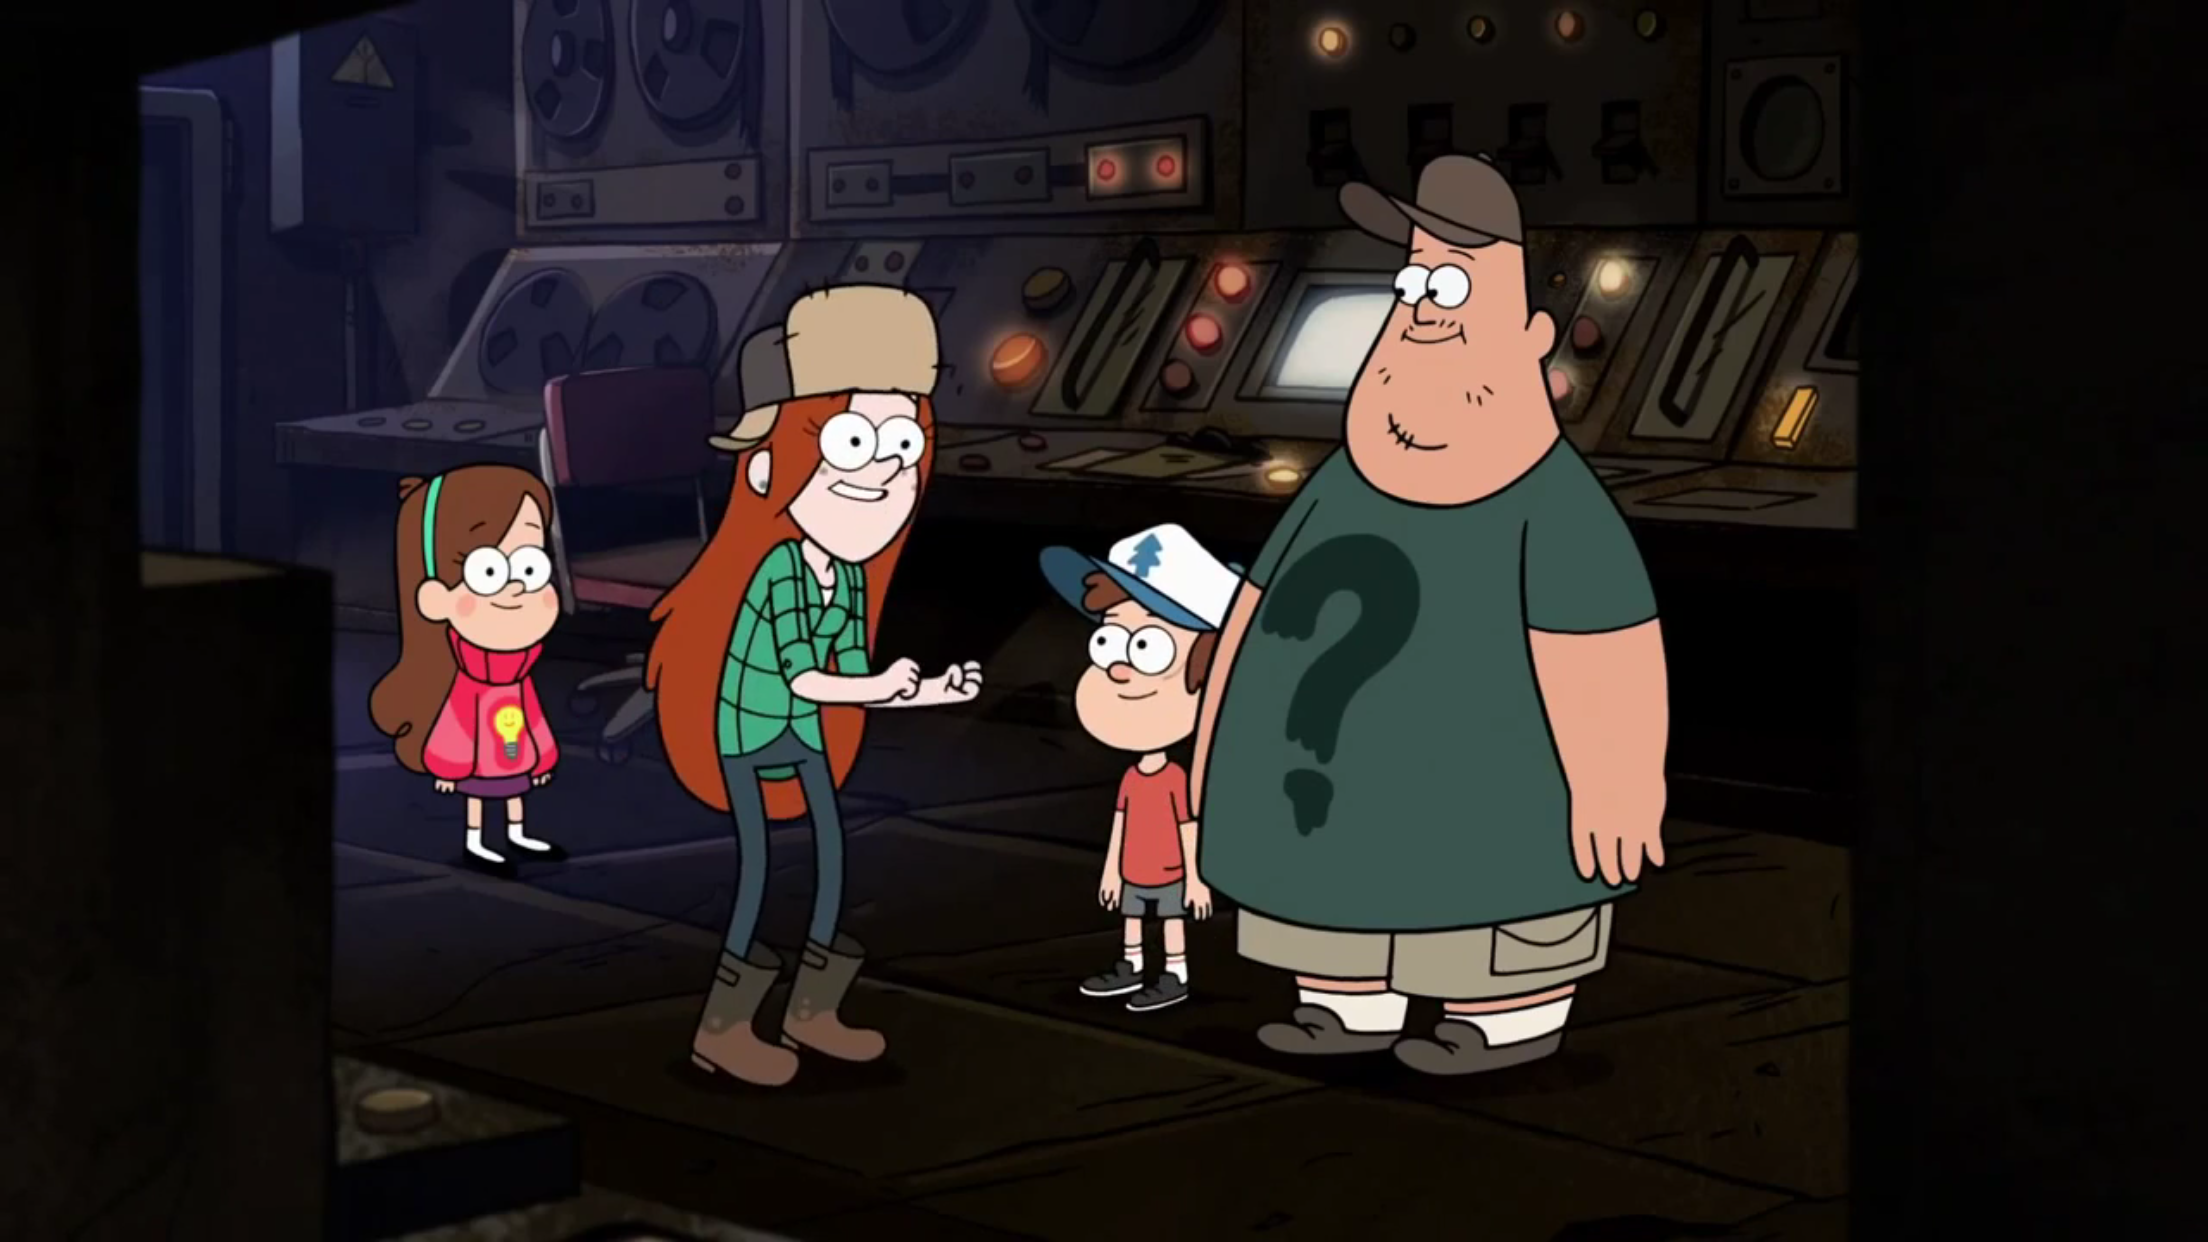 Gravity Falls Dipper Y Mabel Wendy Y Soos Gravity Falls Art Gravity Falls Dipper Gravity Falls